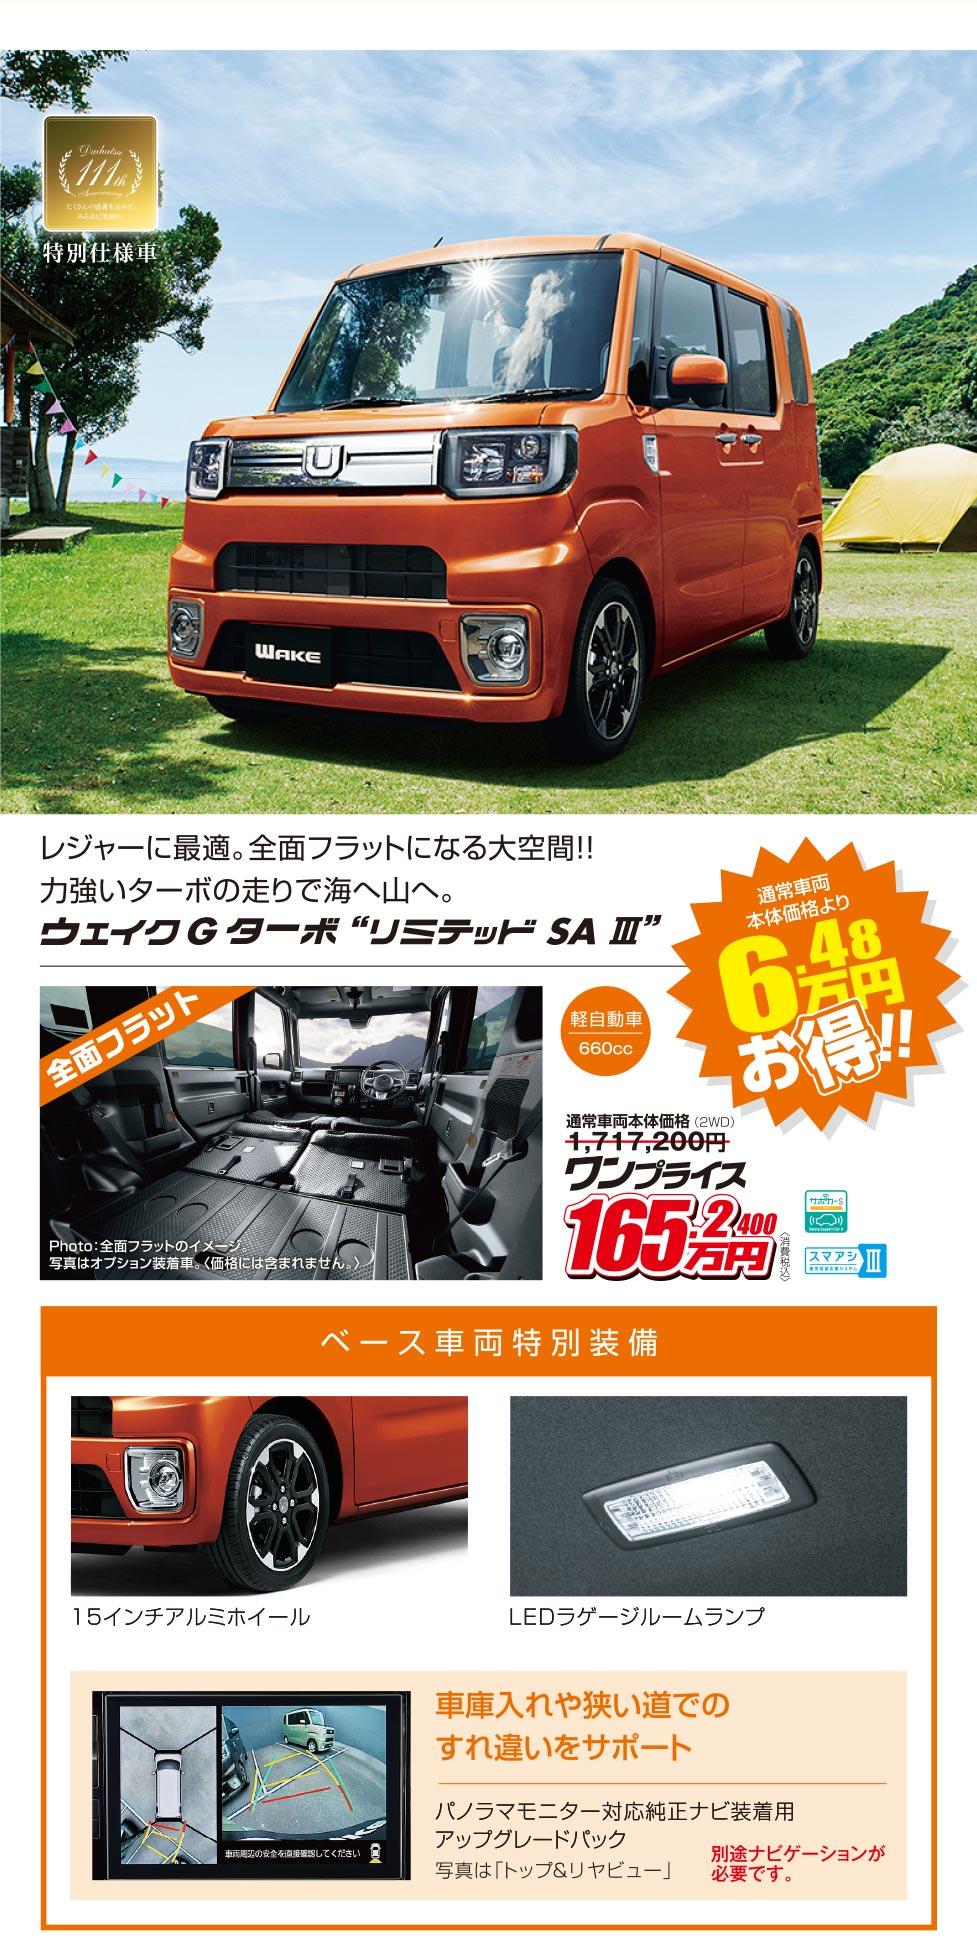 ウェイクワンプライス車。6.48万円お買得!!